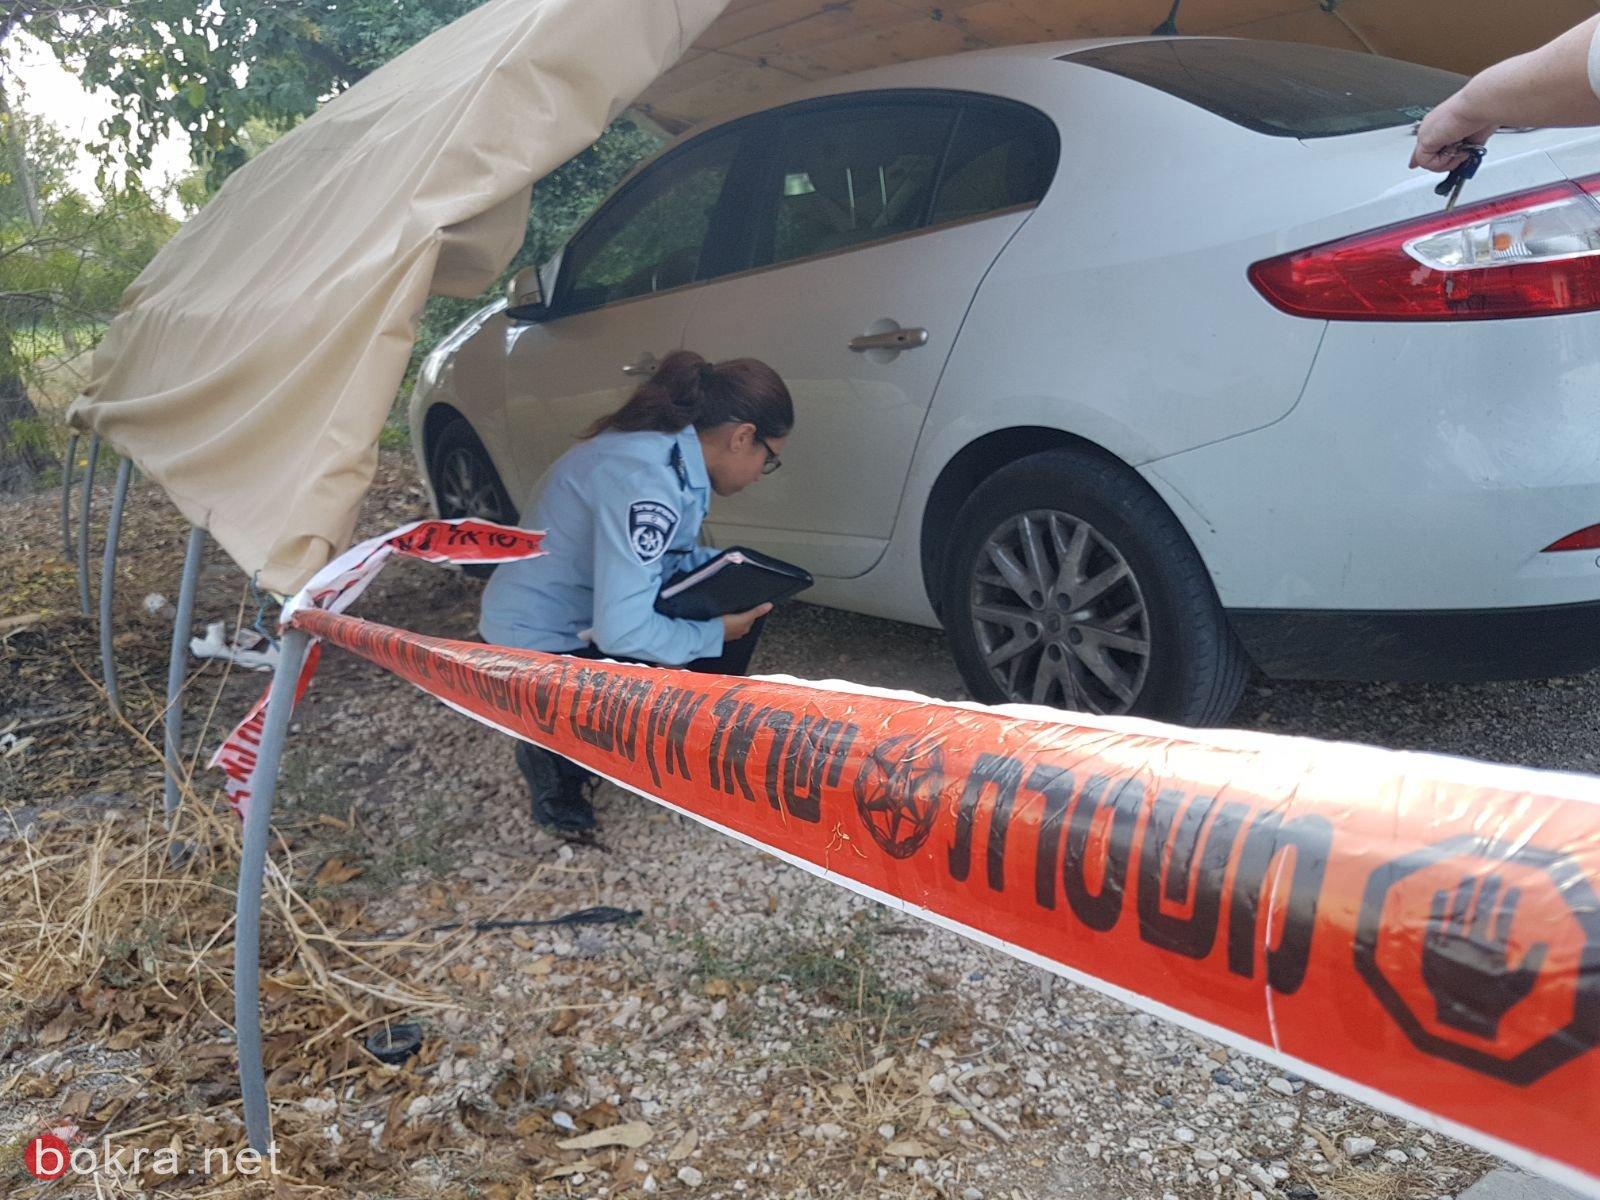 اصابة متوسطة لمواطن من كيبوتس رشفيم جراء اطلاق نار